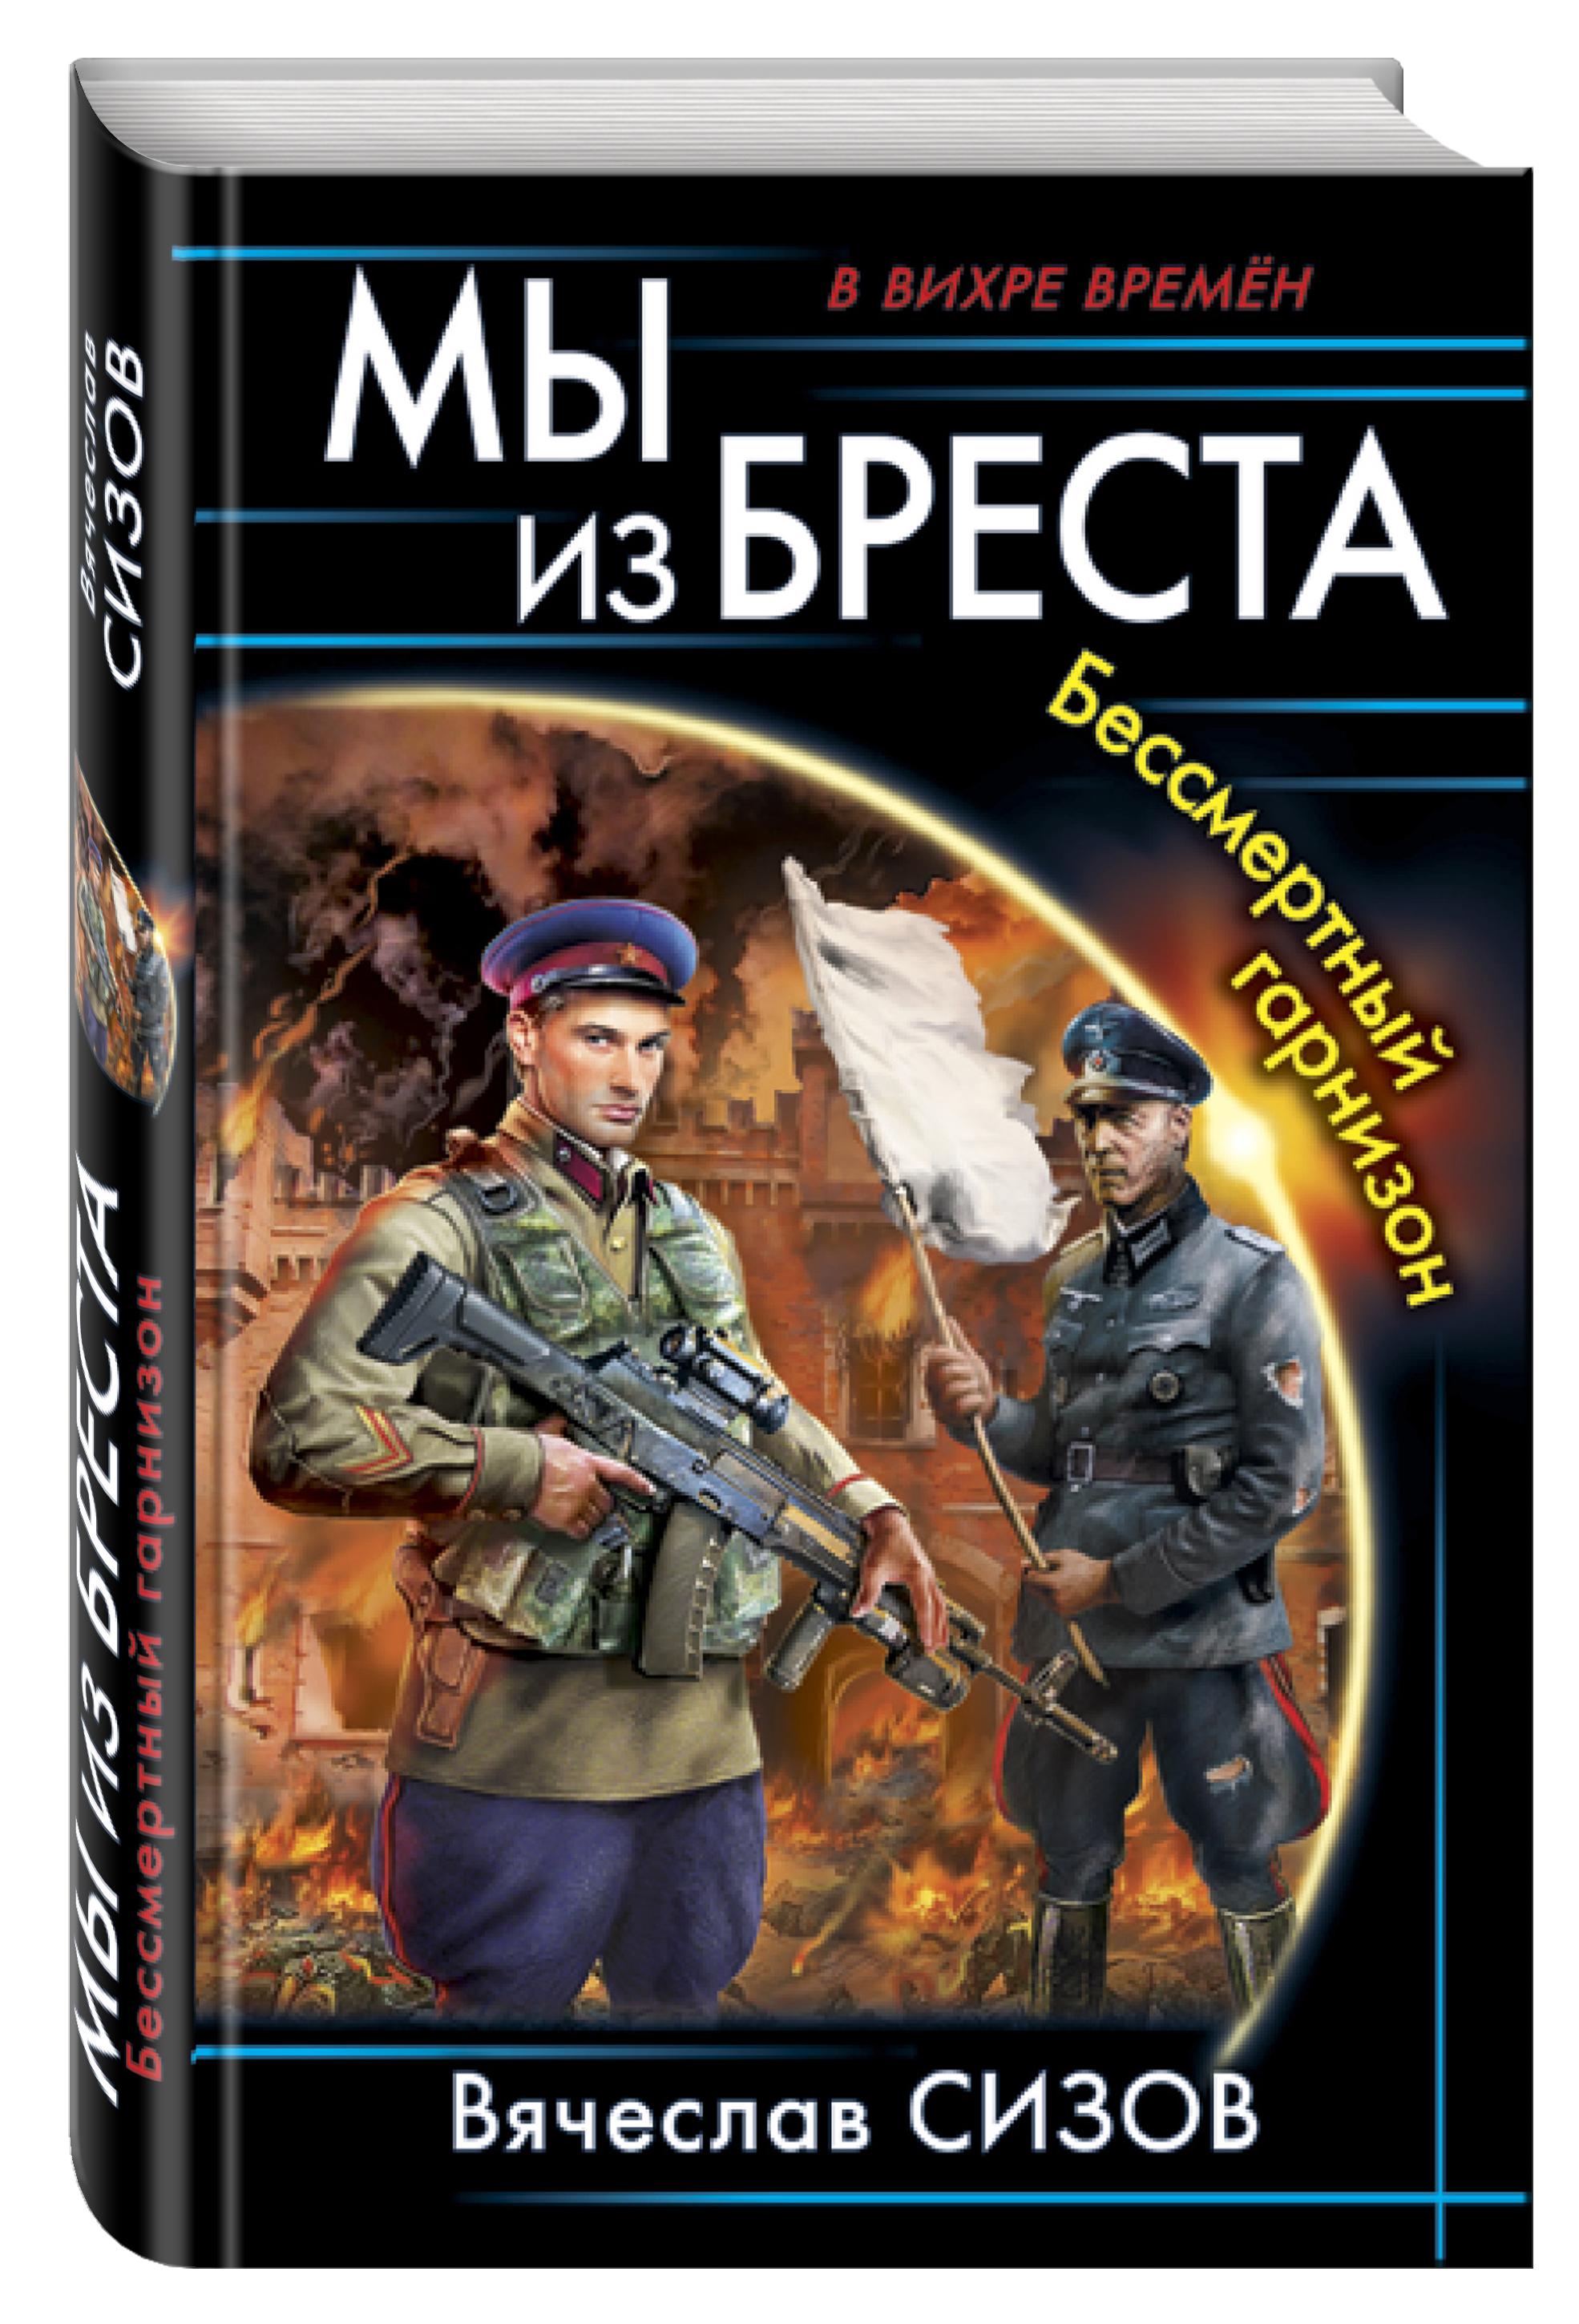 Сизов В.Н. Мы из Бреста. Бессмертный гарнизон валентин рунов удар по украине вермахт против красной армии